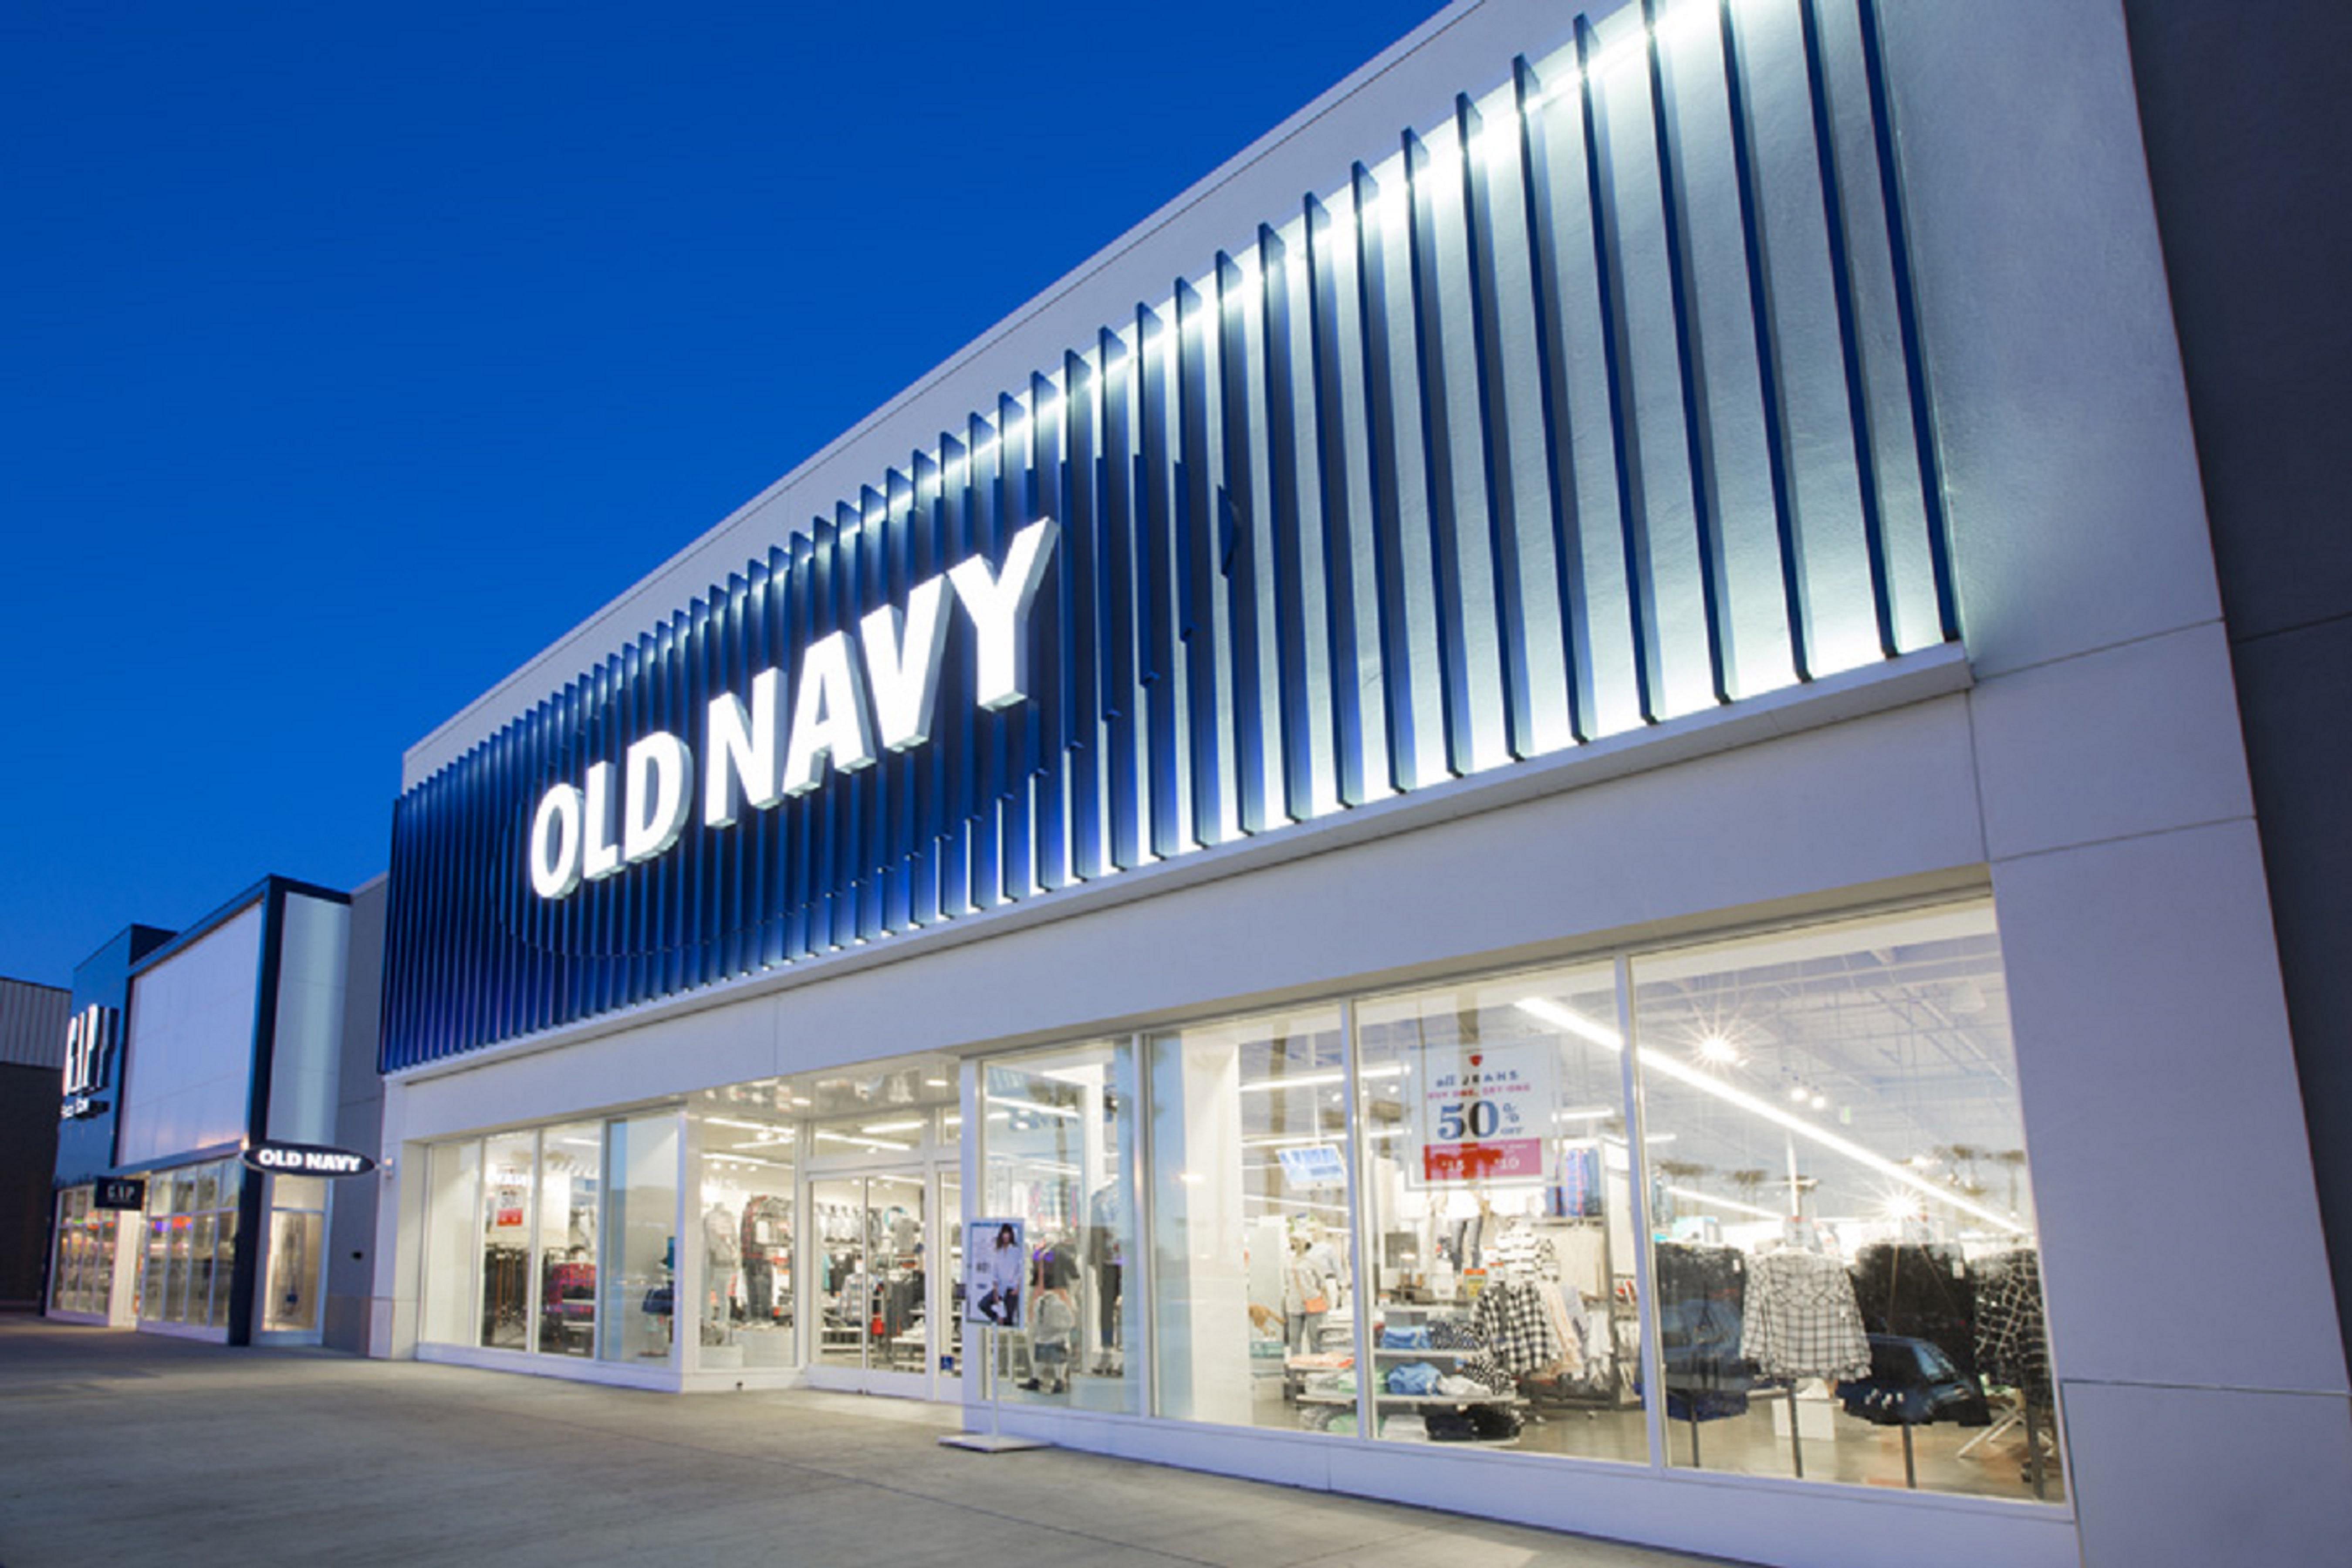 Old Navy khai trương cửa hàng đầu tiên tại Việt Nam